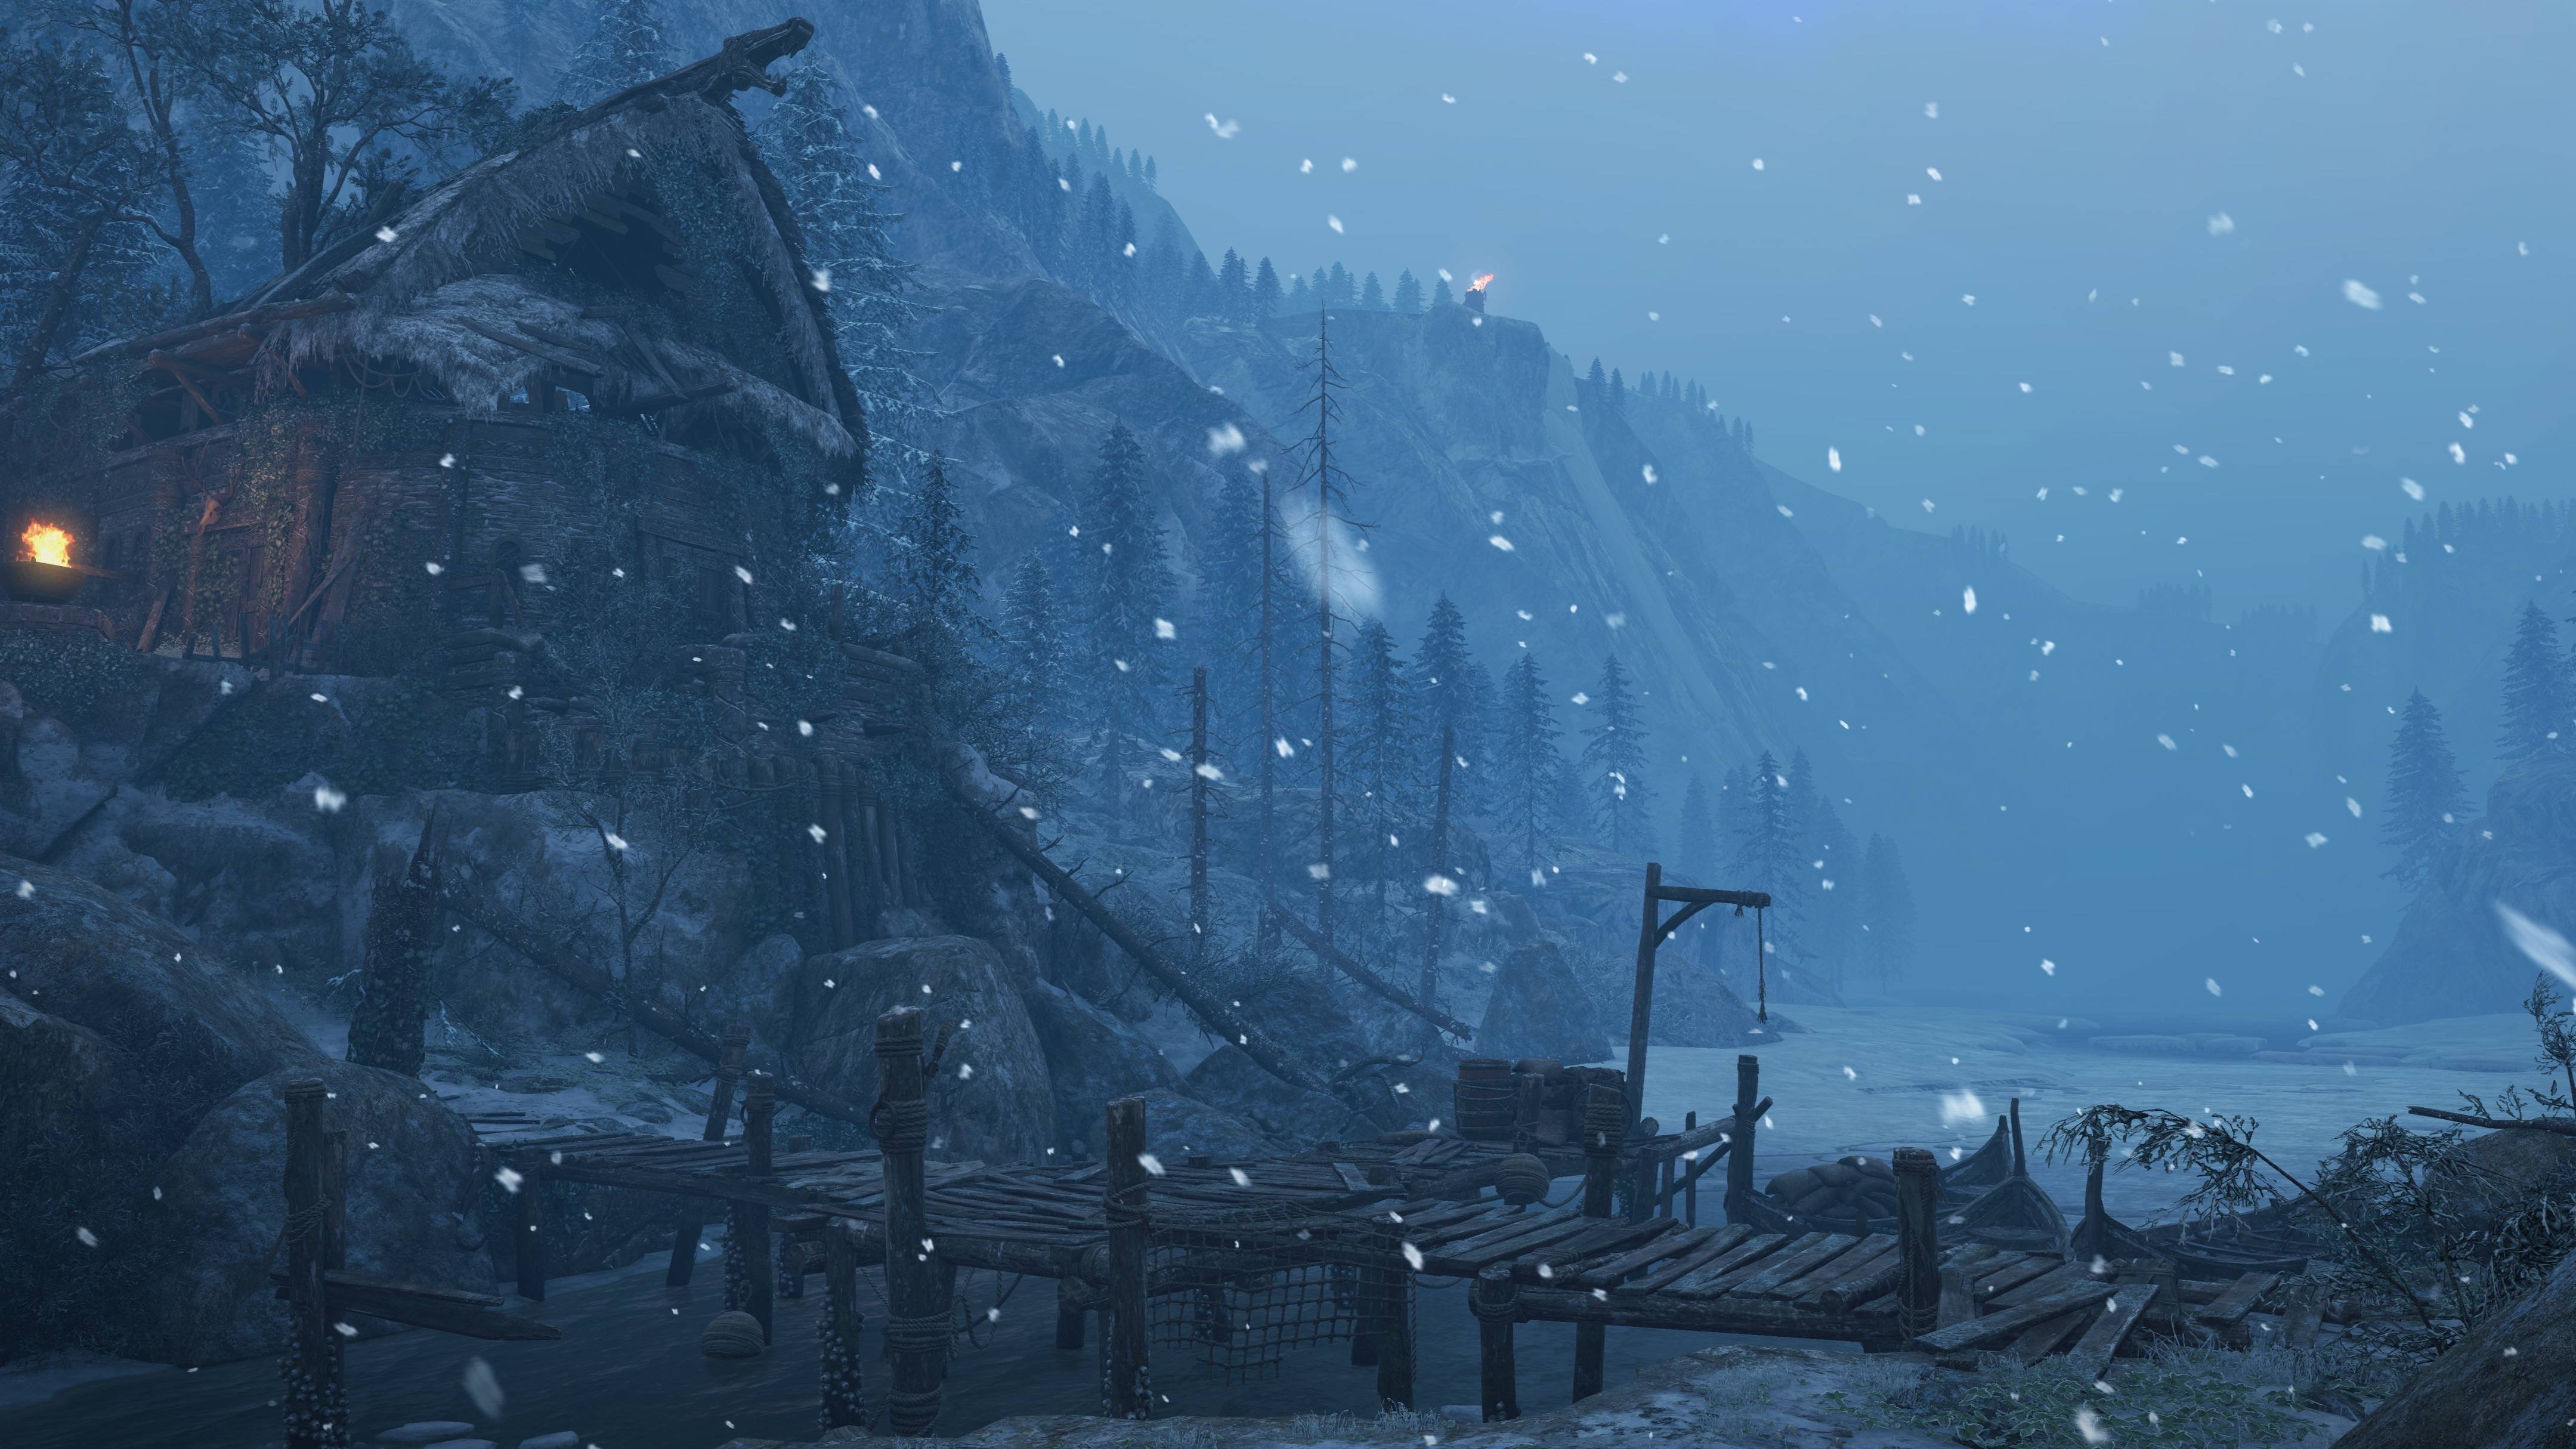 FH Previews Canyon4 Main Screenshot PR 161214 6PM CET 1481728432 2